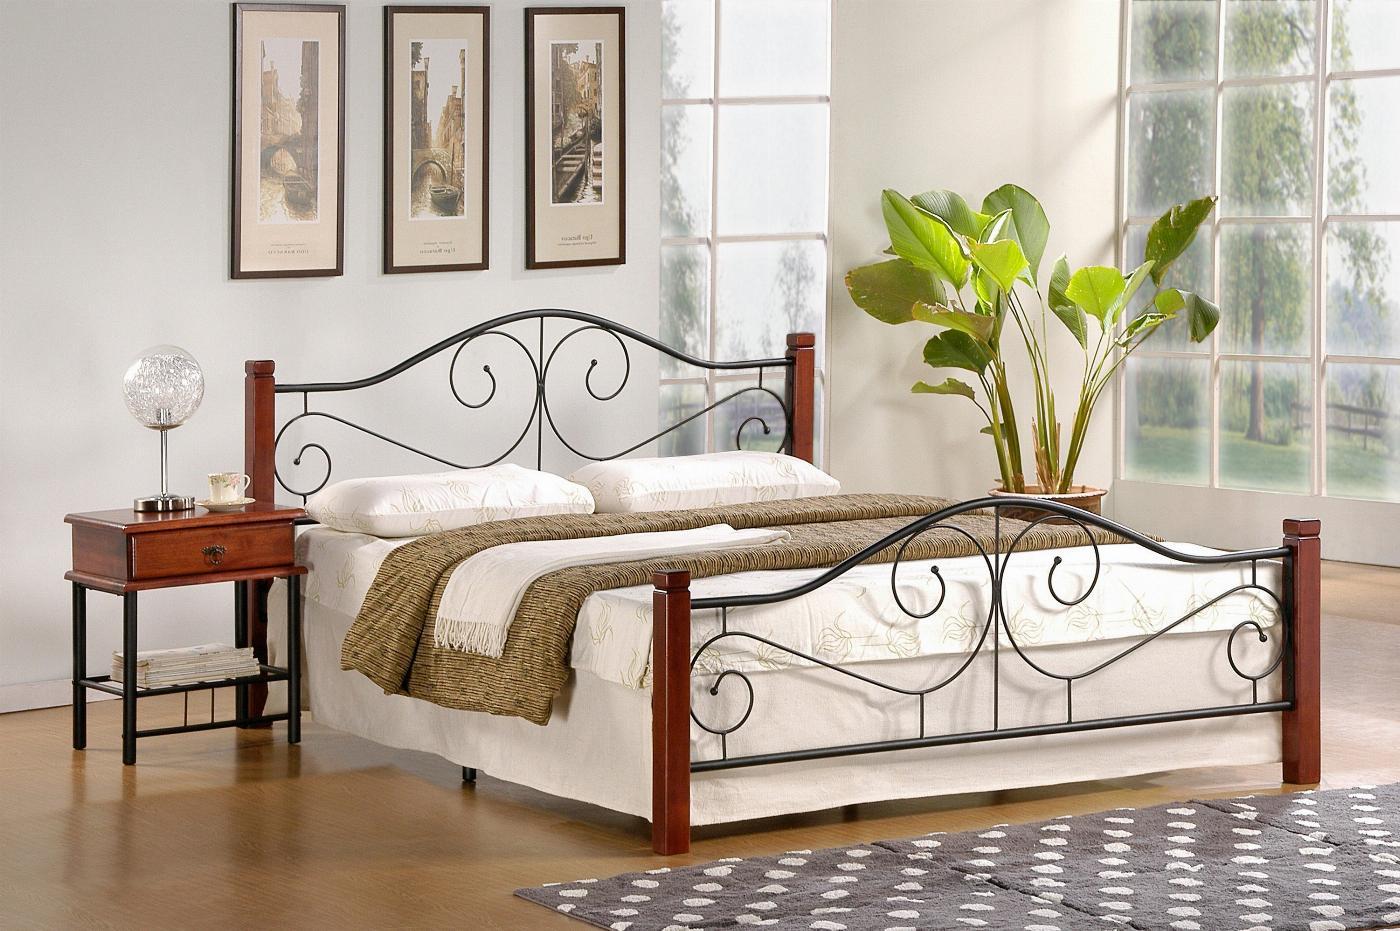 VIOLETTA 120 cm łóżko czereśnia ant./czarny (3p=1szt) ze stelażem